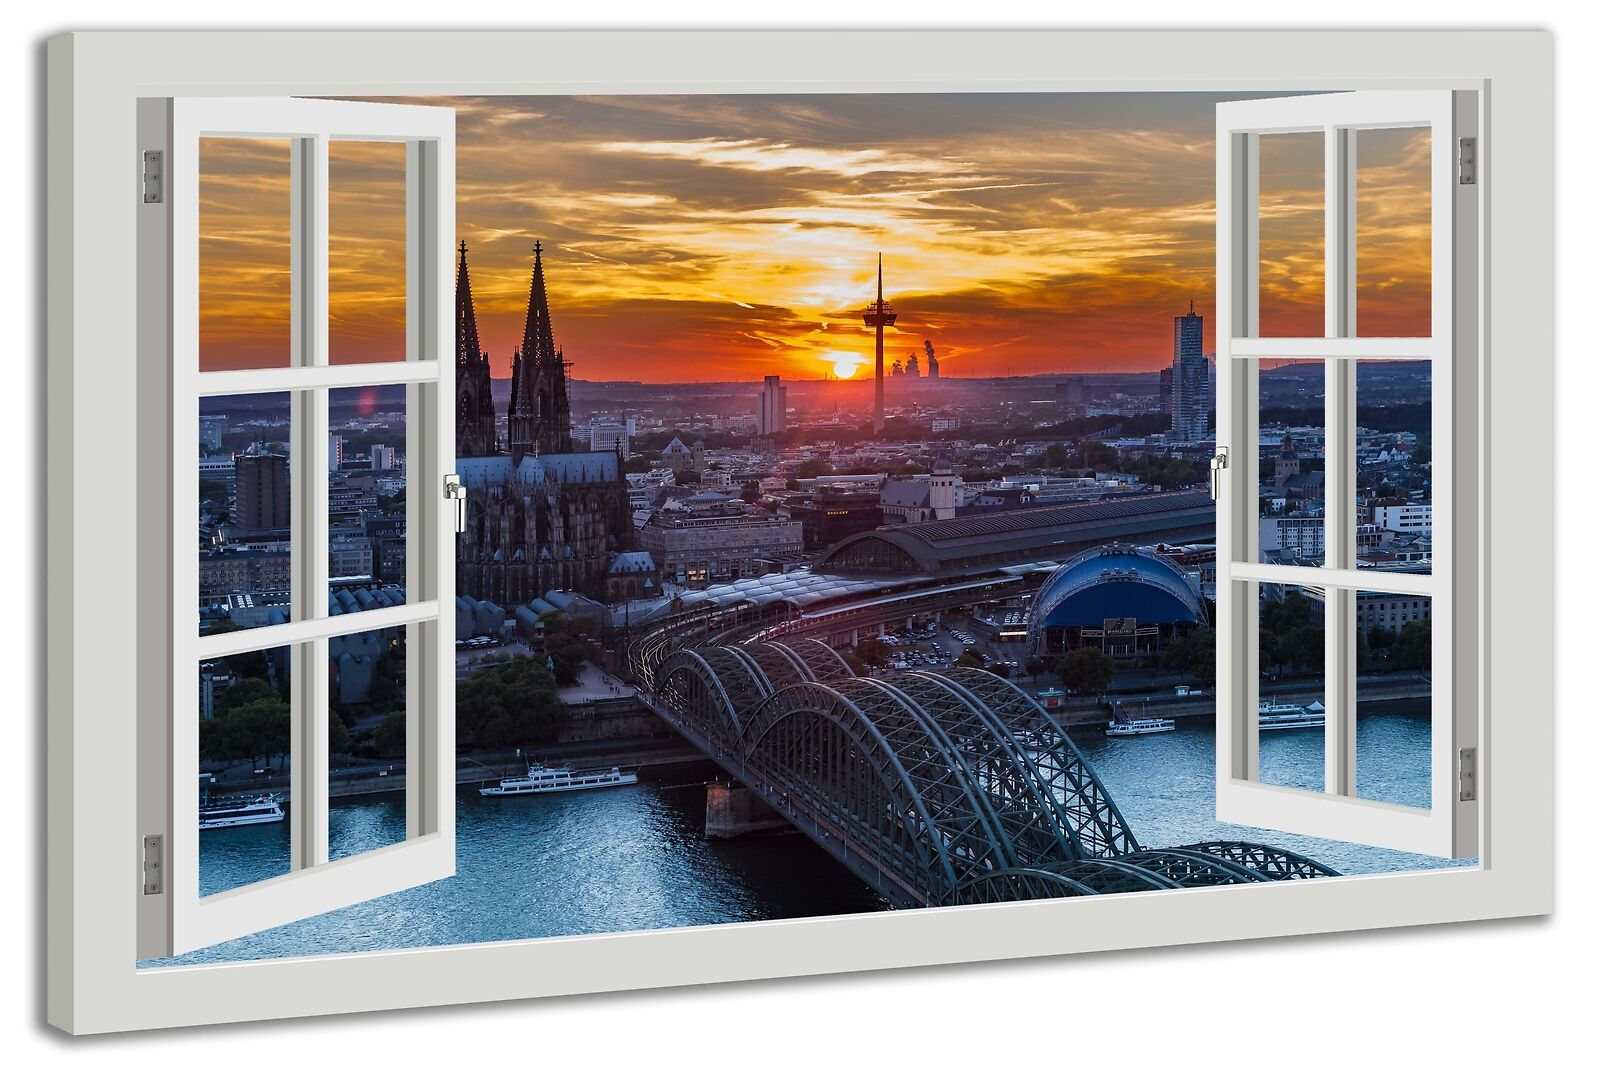 Toile la fresque fenêtre vue Cologne coucher coucher Cologne de soleil paysage 9452ab